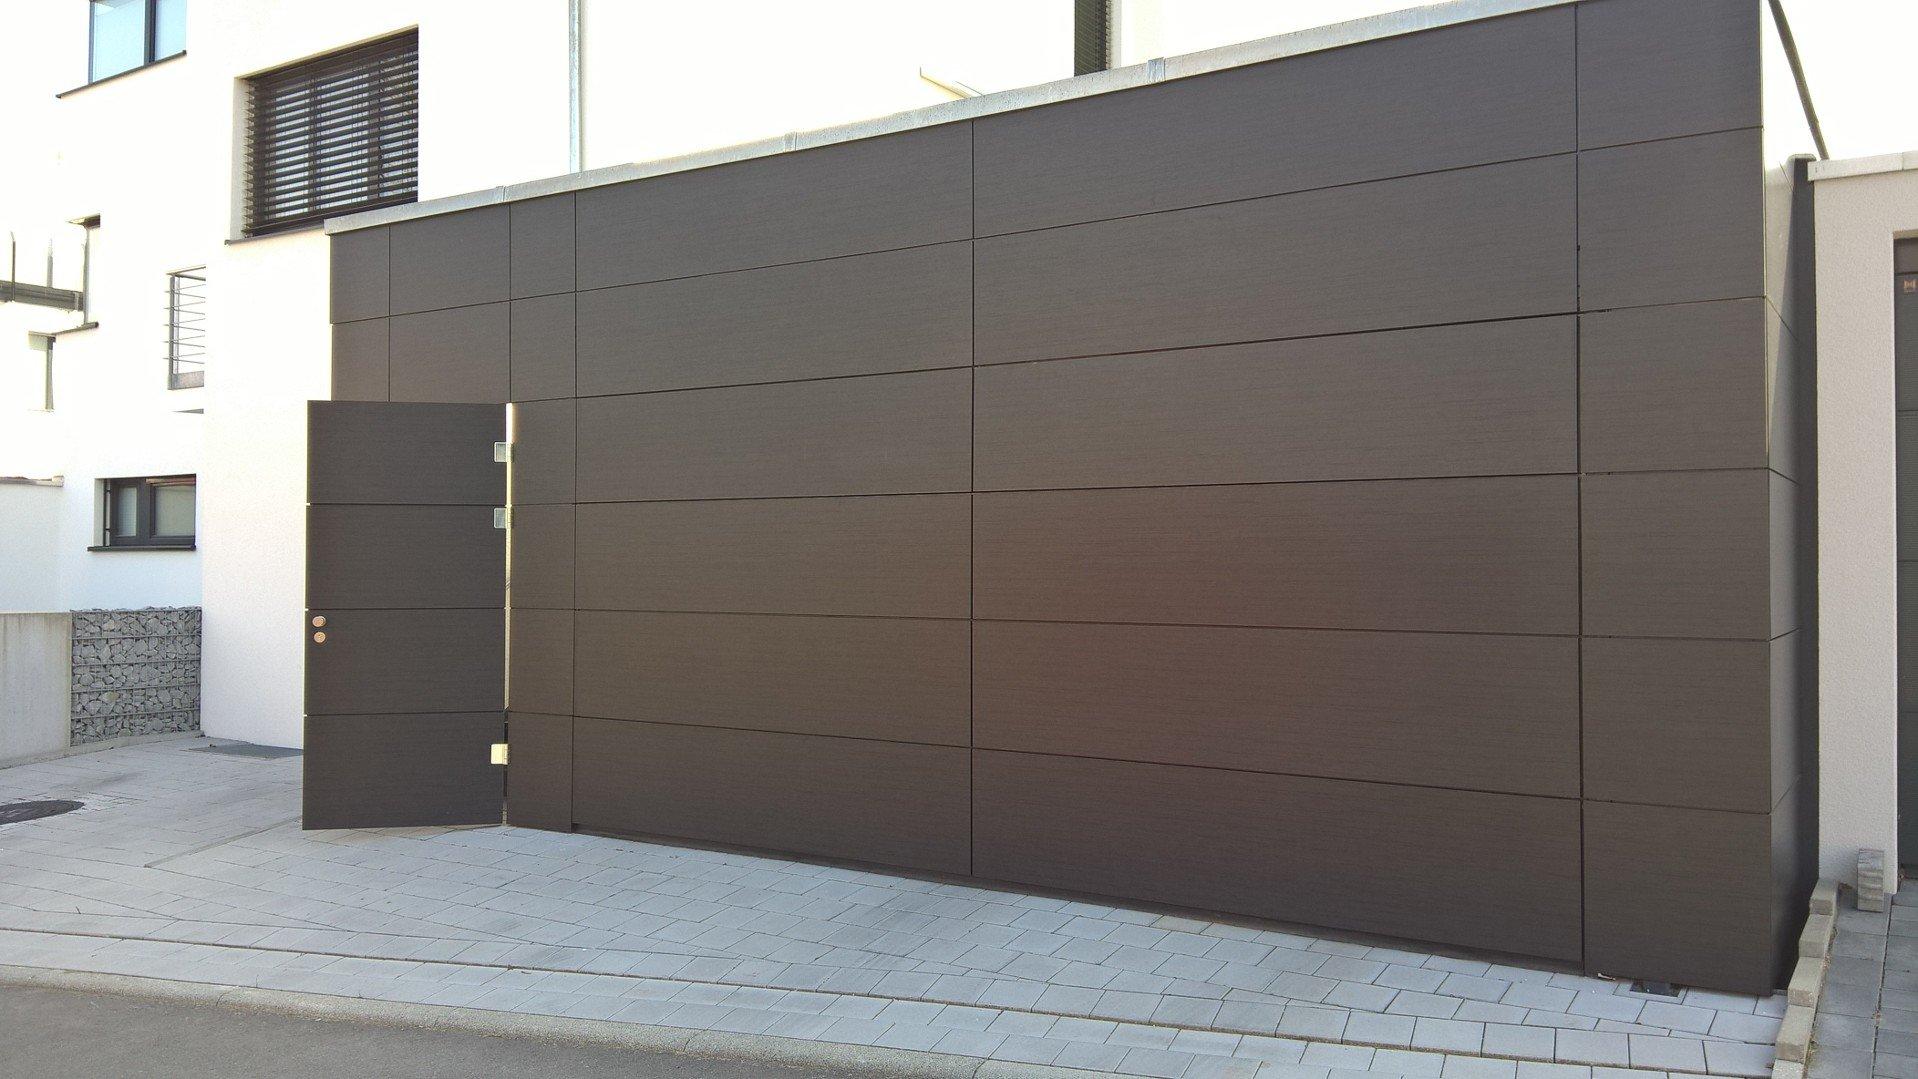 Nebentüre Flächenbündig Auswärts öffnend Mit Trespa-Platten